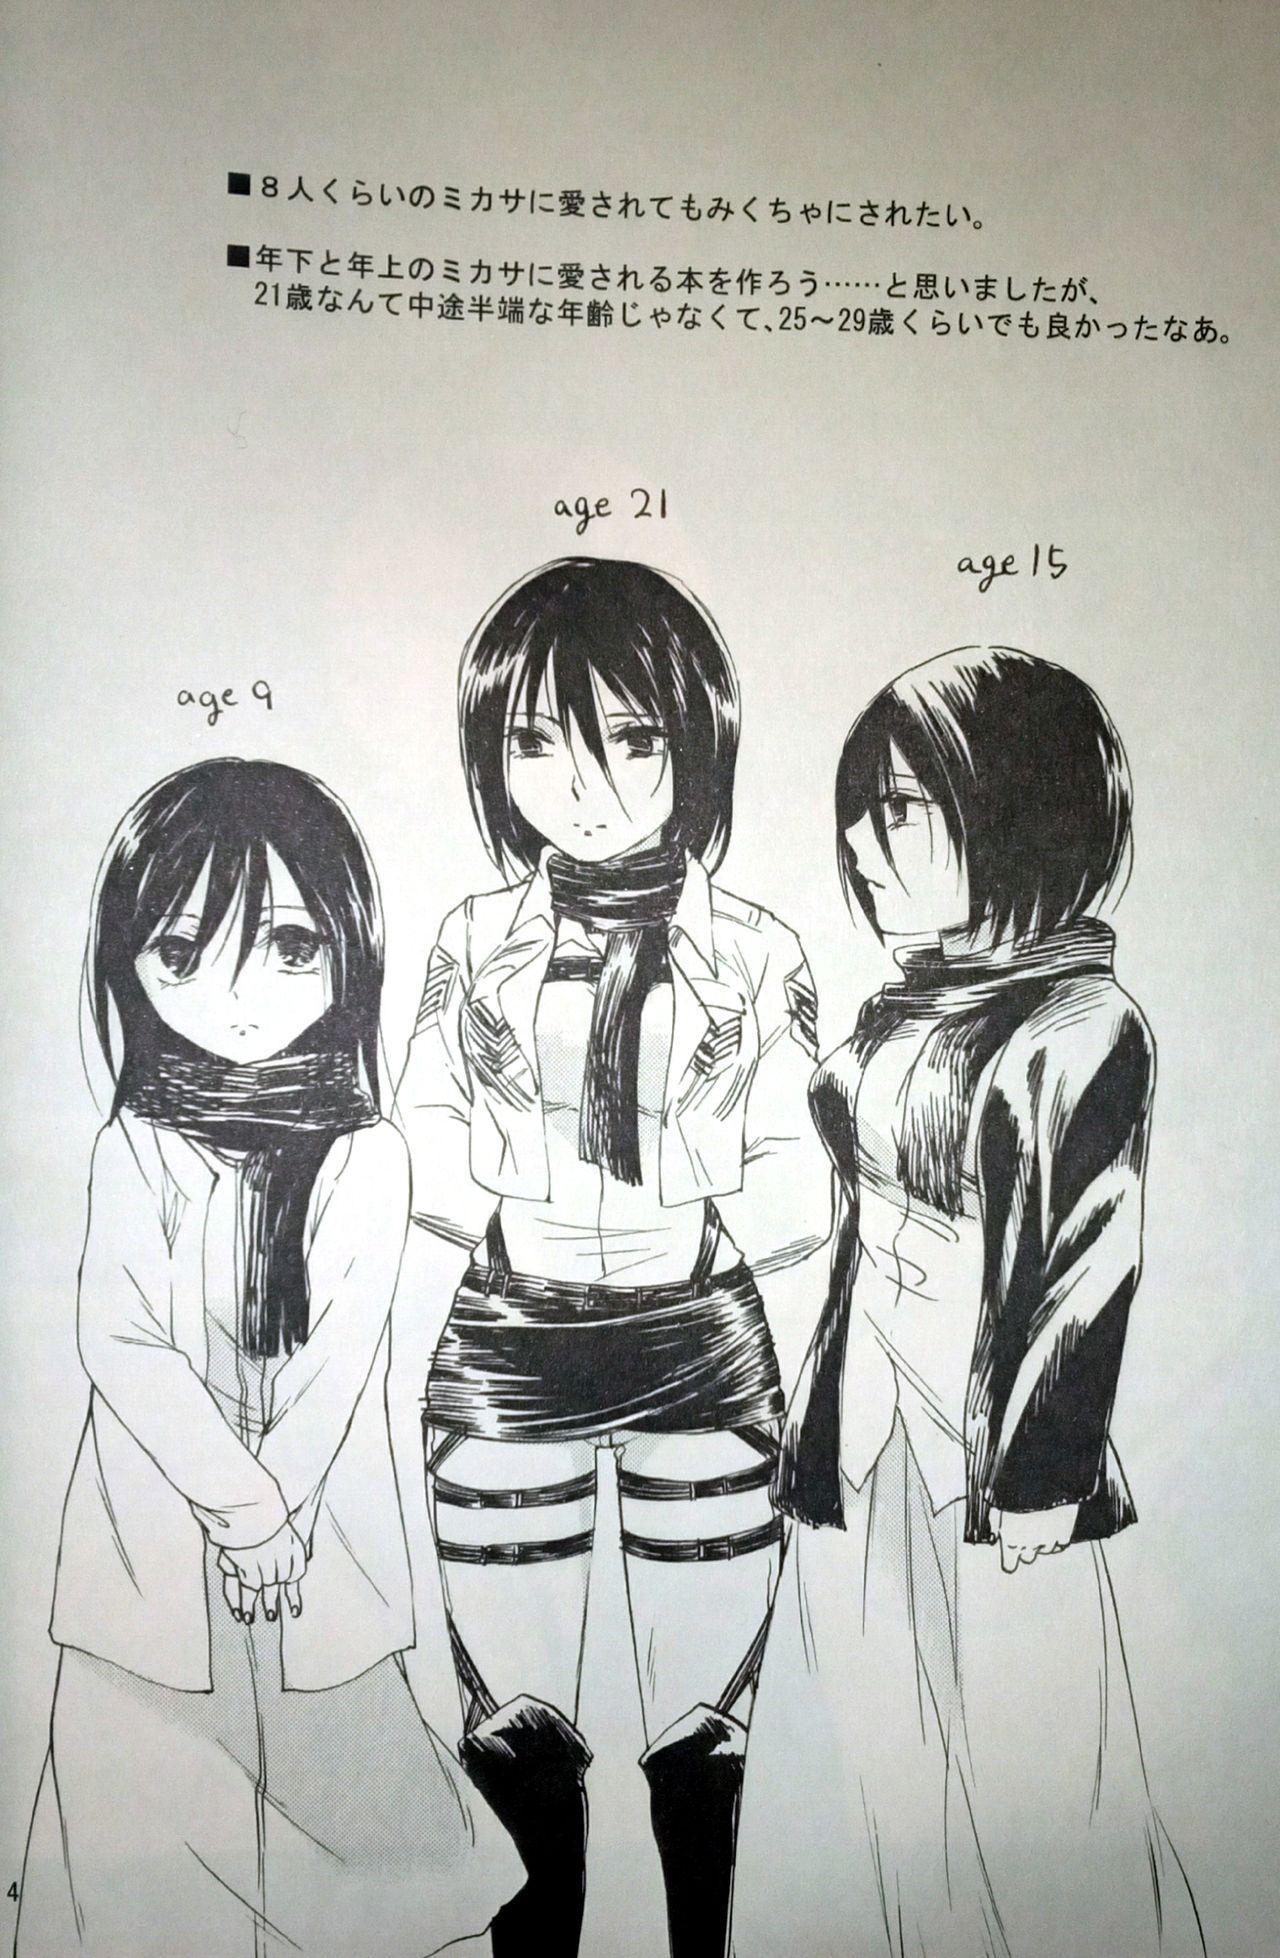 (C86) [iron (Kanae)] 21-sai to 9-sai no Mikasa ni Aisarete Yoru mo Nemurenai Eren no Hanashi (Shingeki no Kyojin) 4